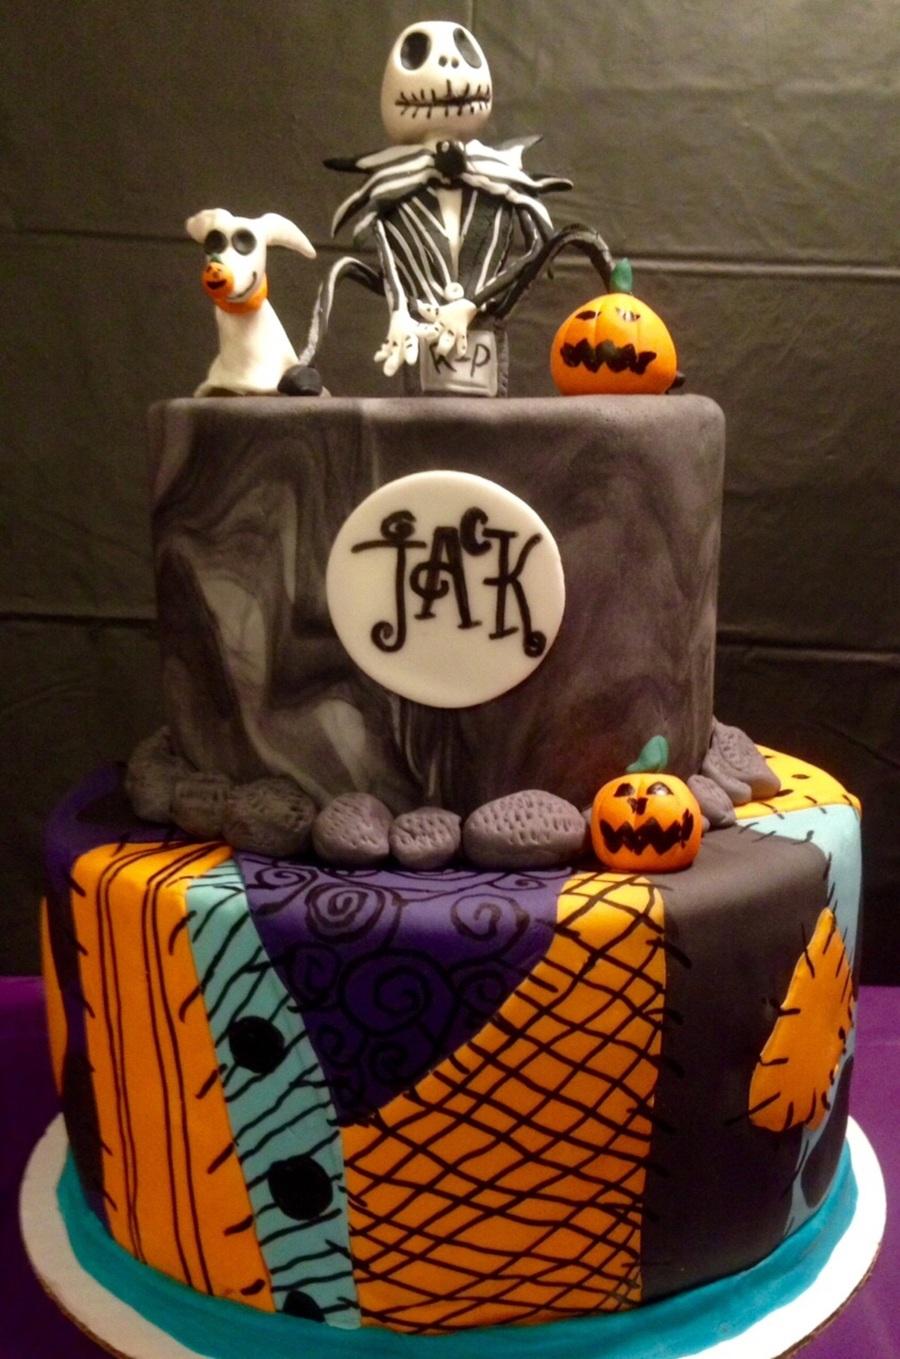 Jack Skellington Cake ...